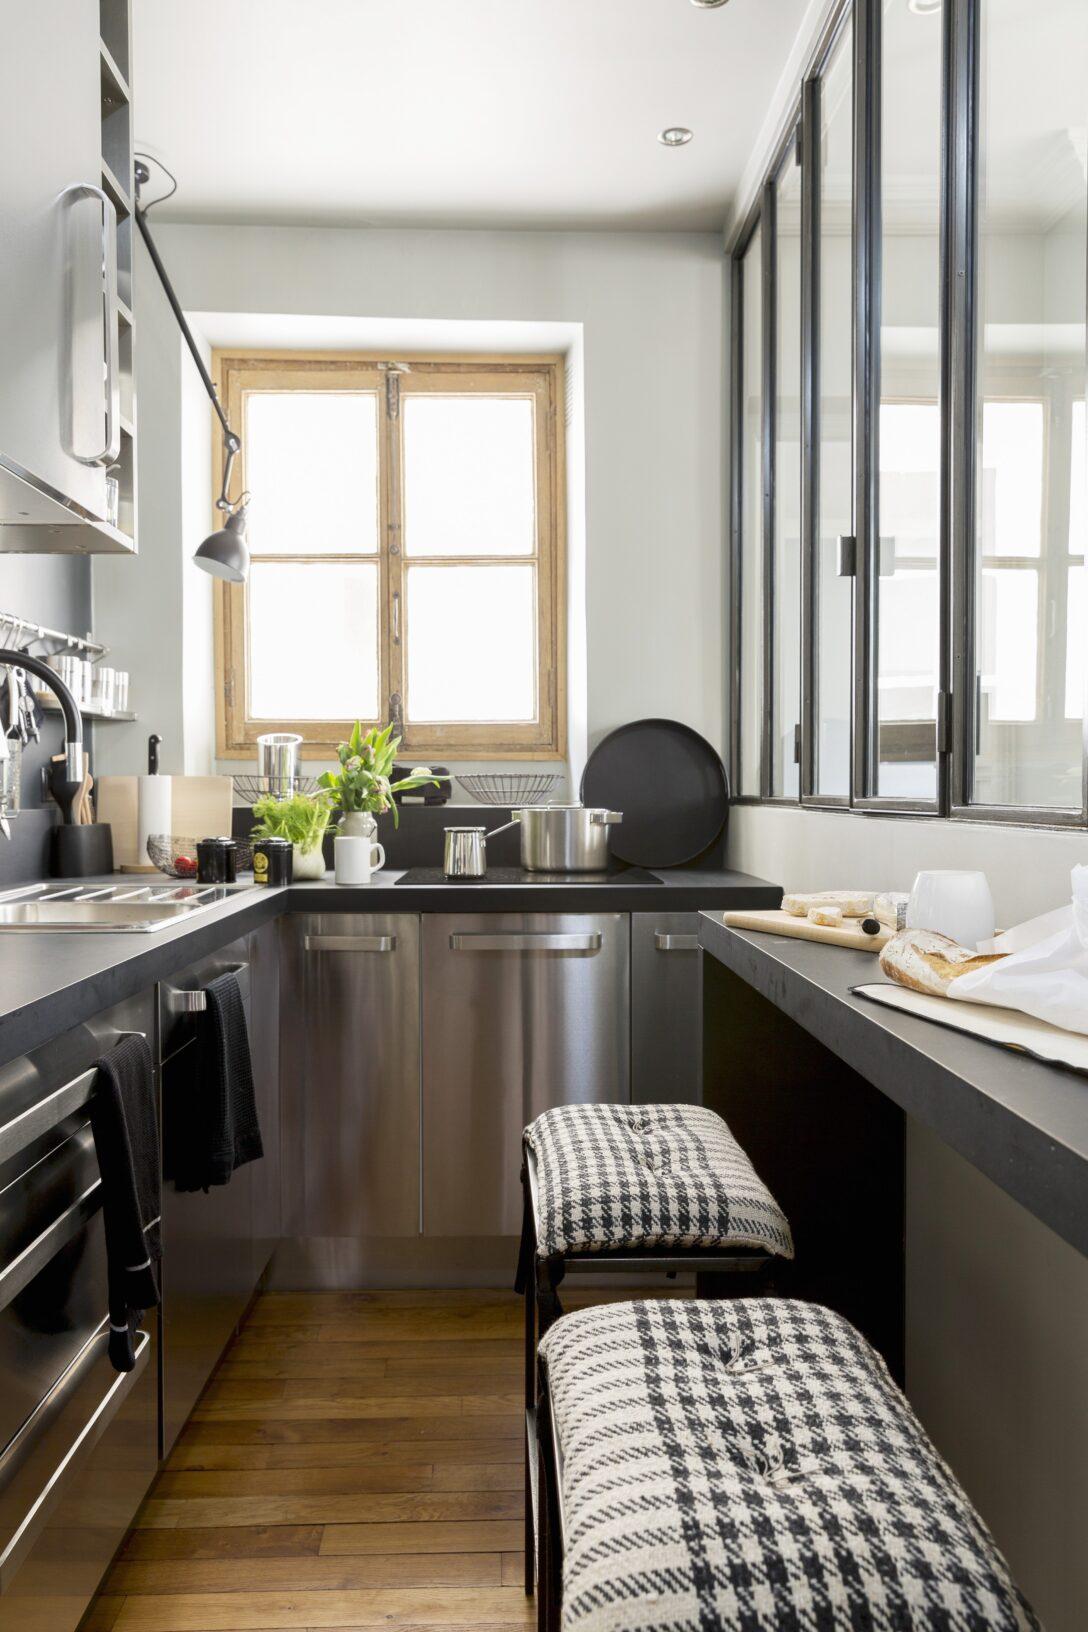 Large Size of Kleine Küche Planen Kche Einrichten Ideen Fr Mehr Platz Das Haus Tapeten Für Fliesenspiegel Selber Machen Grifflose Wandbelag Was Kostet Eine Granitplatten Wohnzimmer Kleine Küche Planen